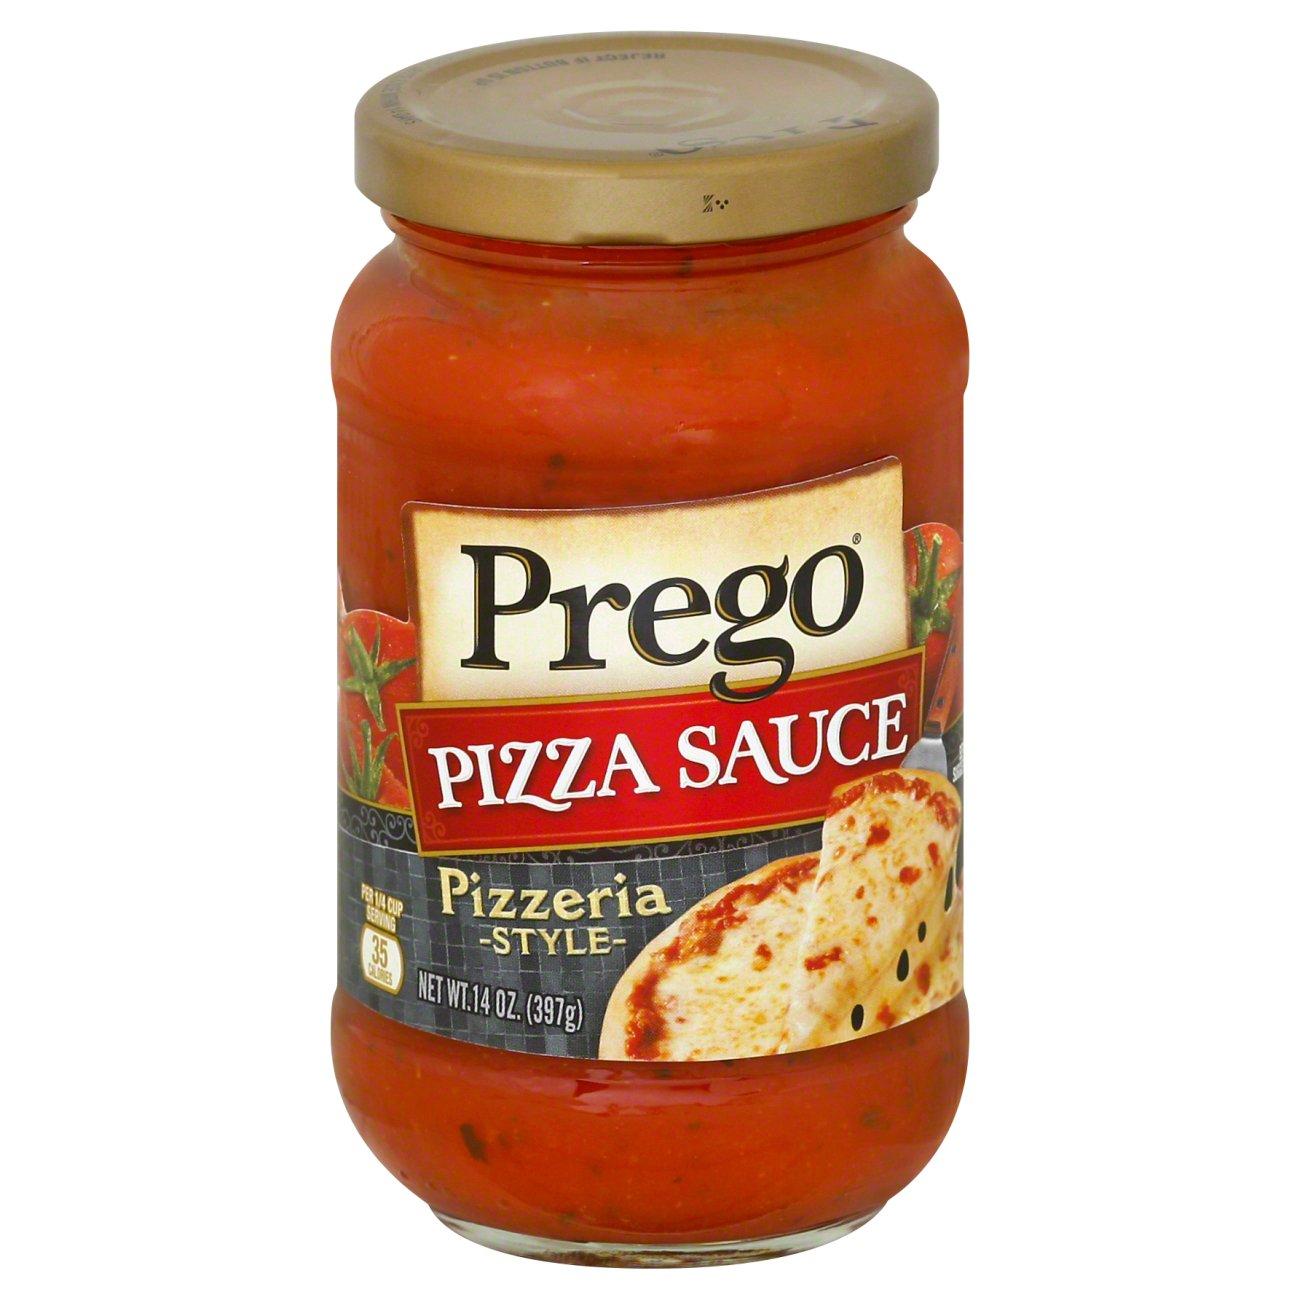 Prego Pizza Sauce Shop Pasta Sauces At H E B